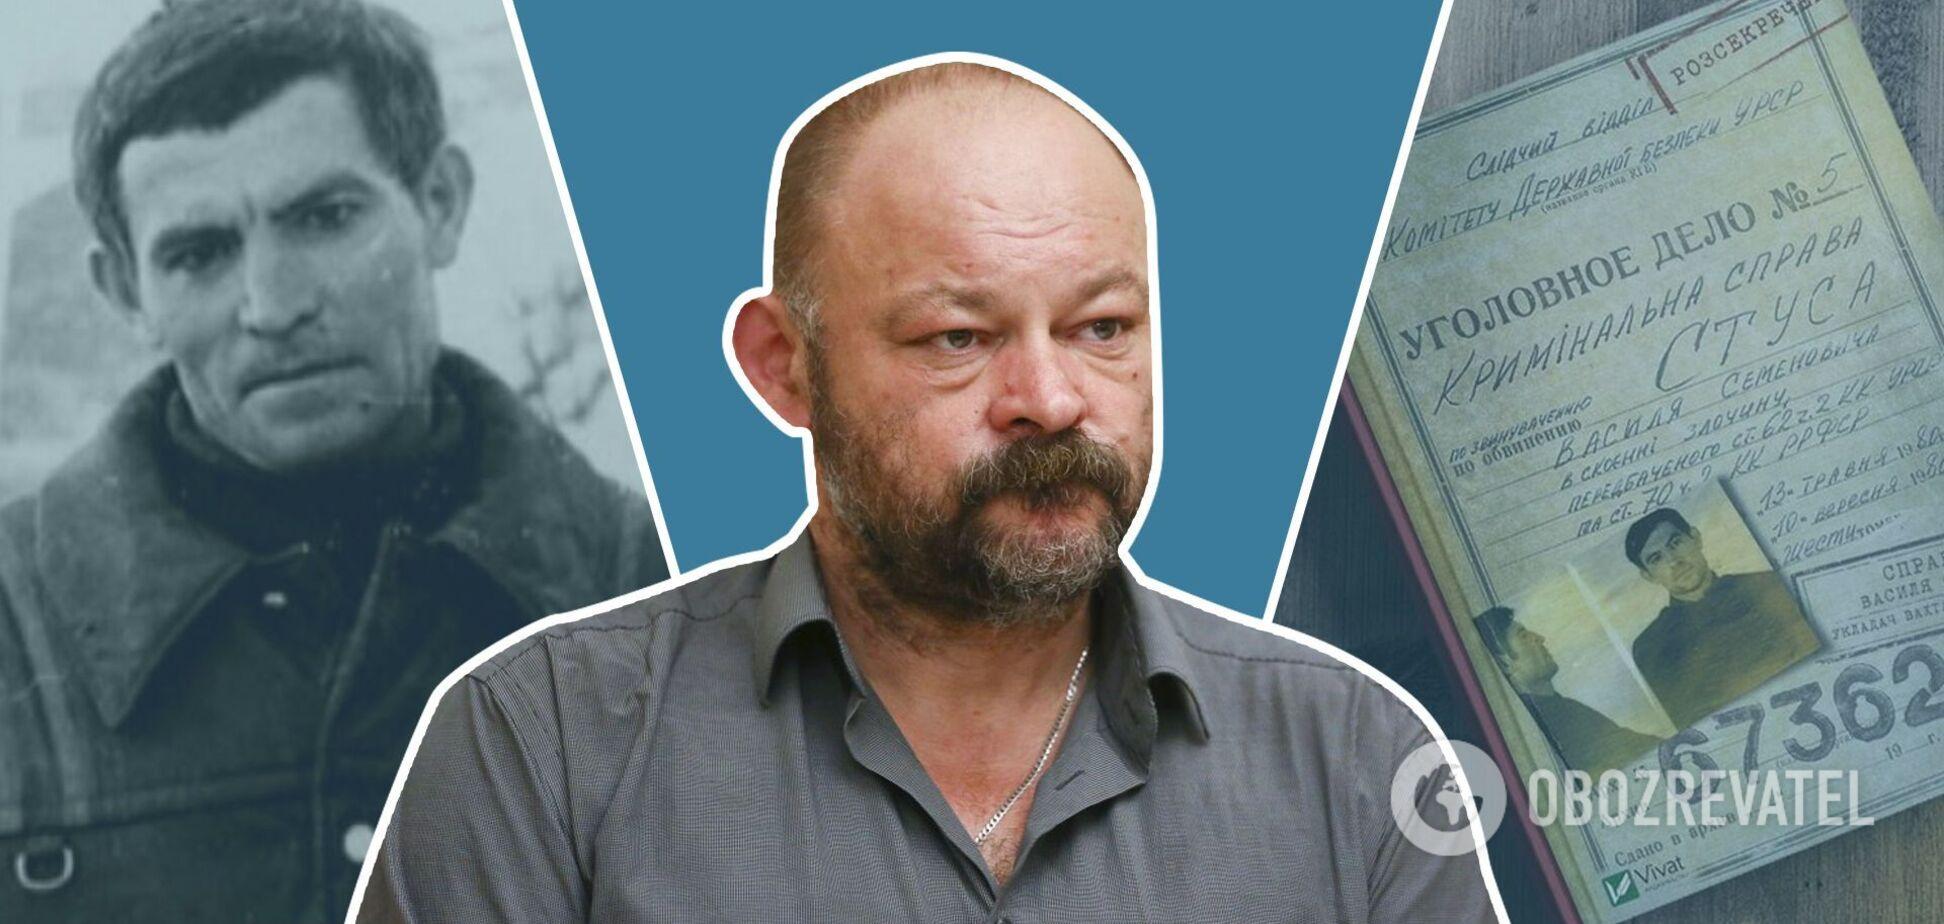 Дмитрий Стус рассказал об отношениях с отцом